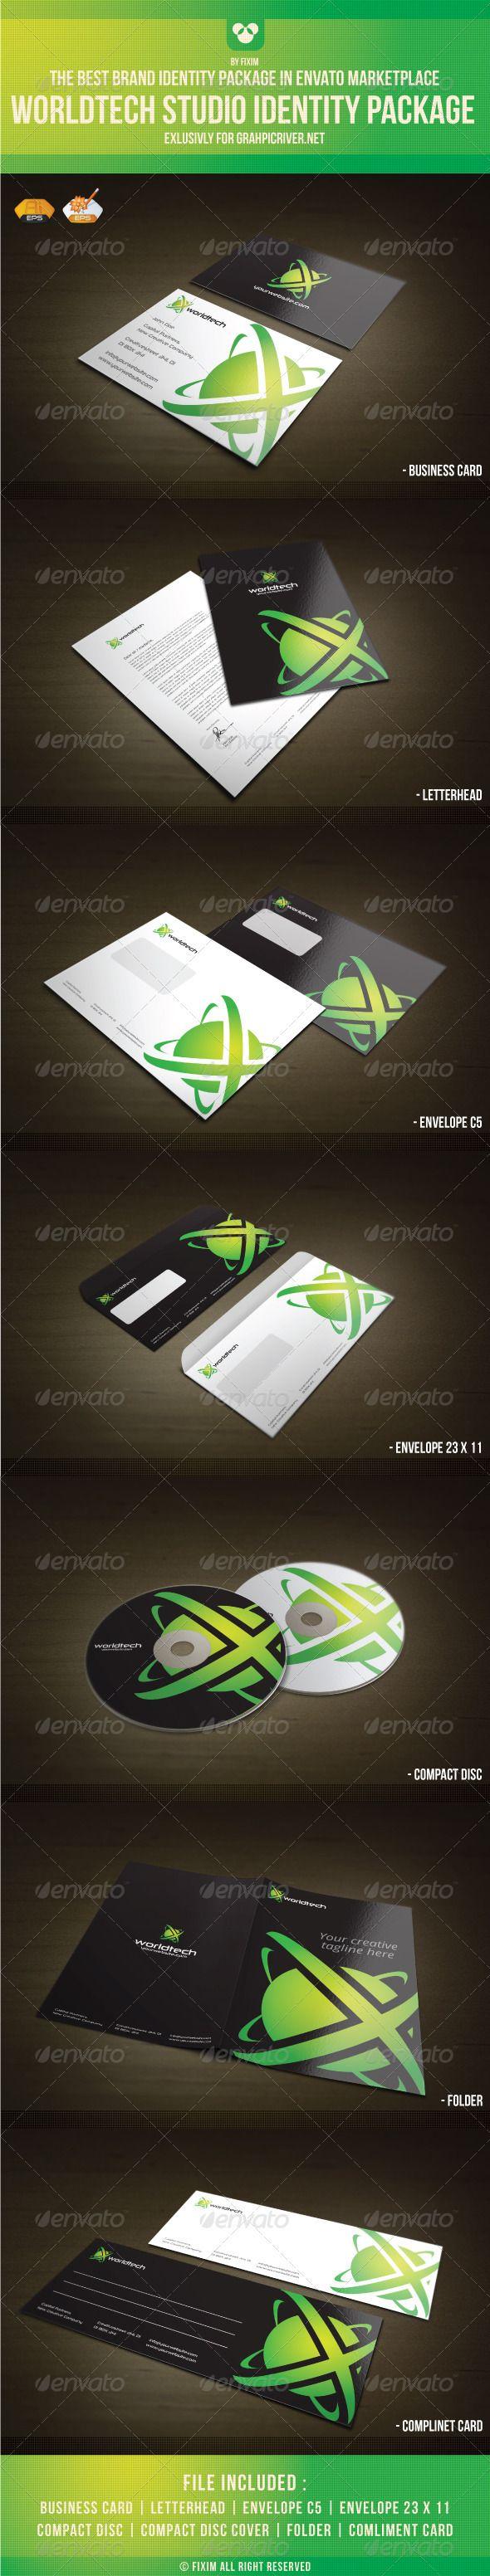 WorldTech Identity Package